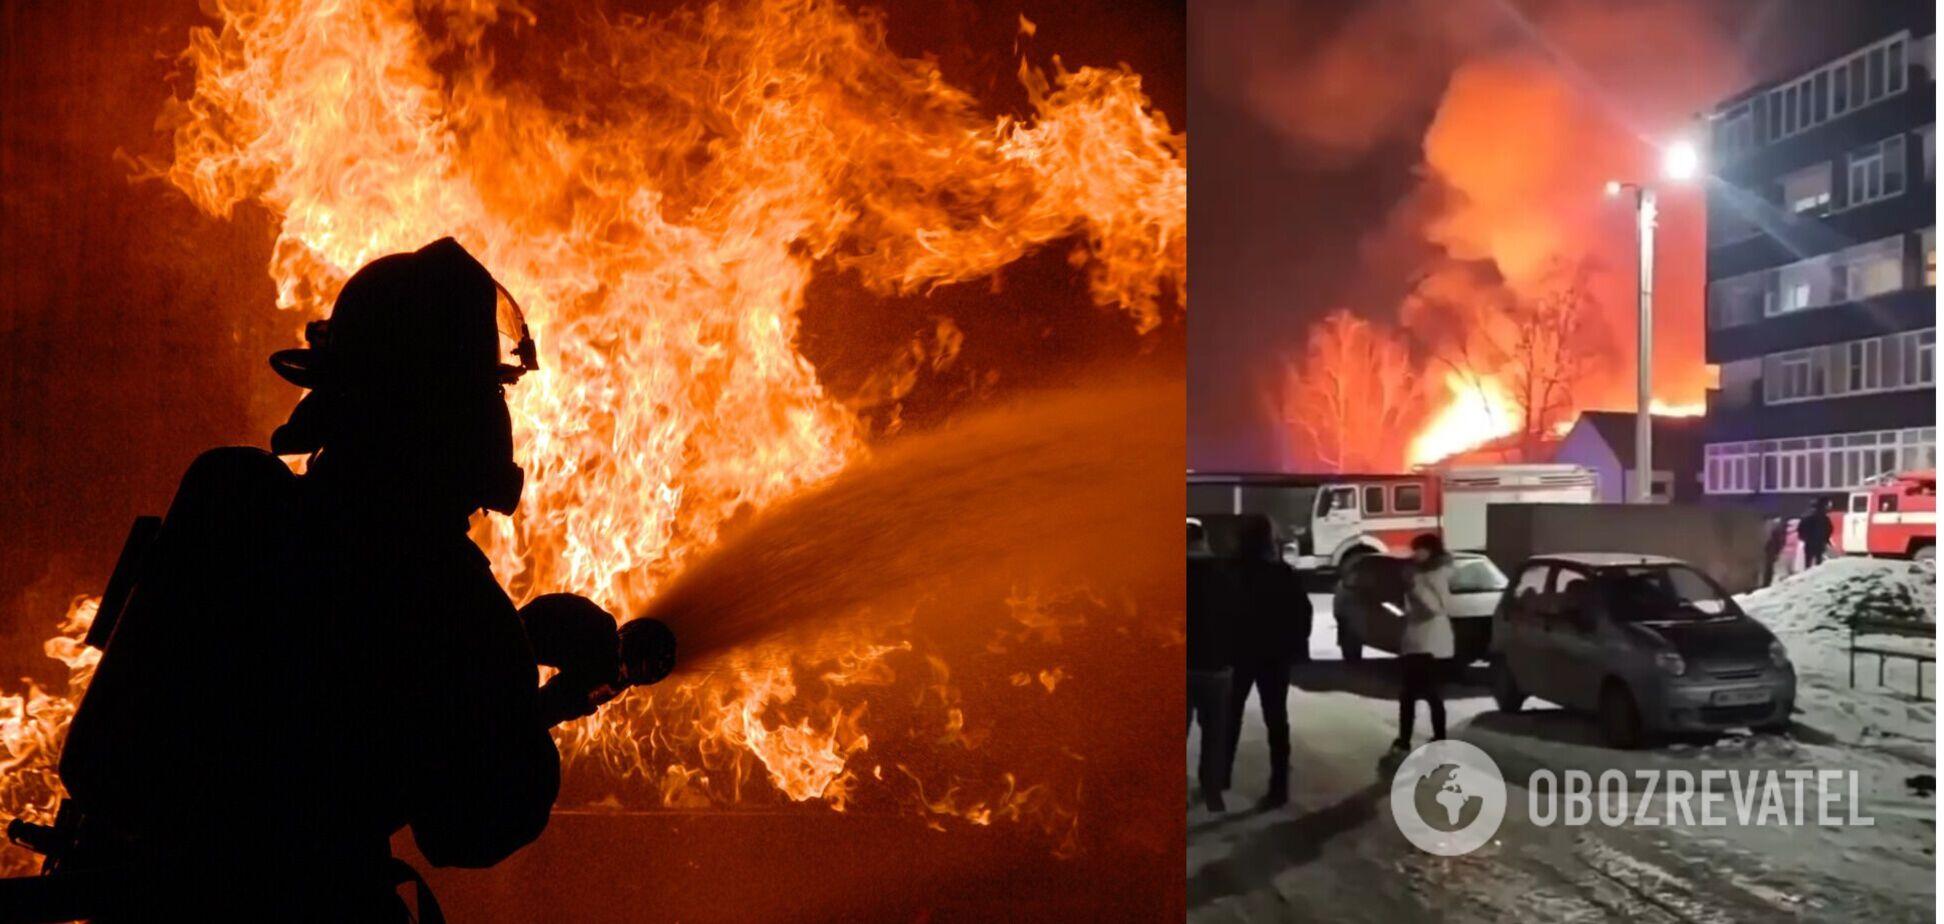 Під Харковом спалахнула масштабна пожежа на складах. Відео